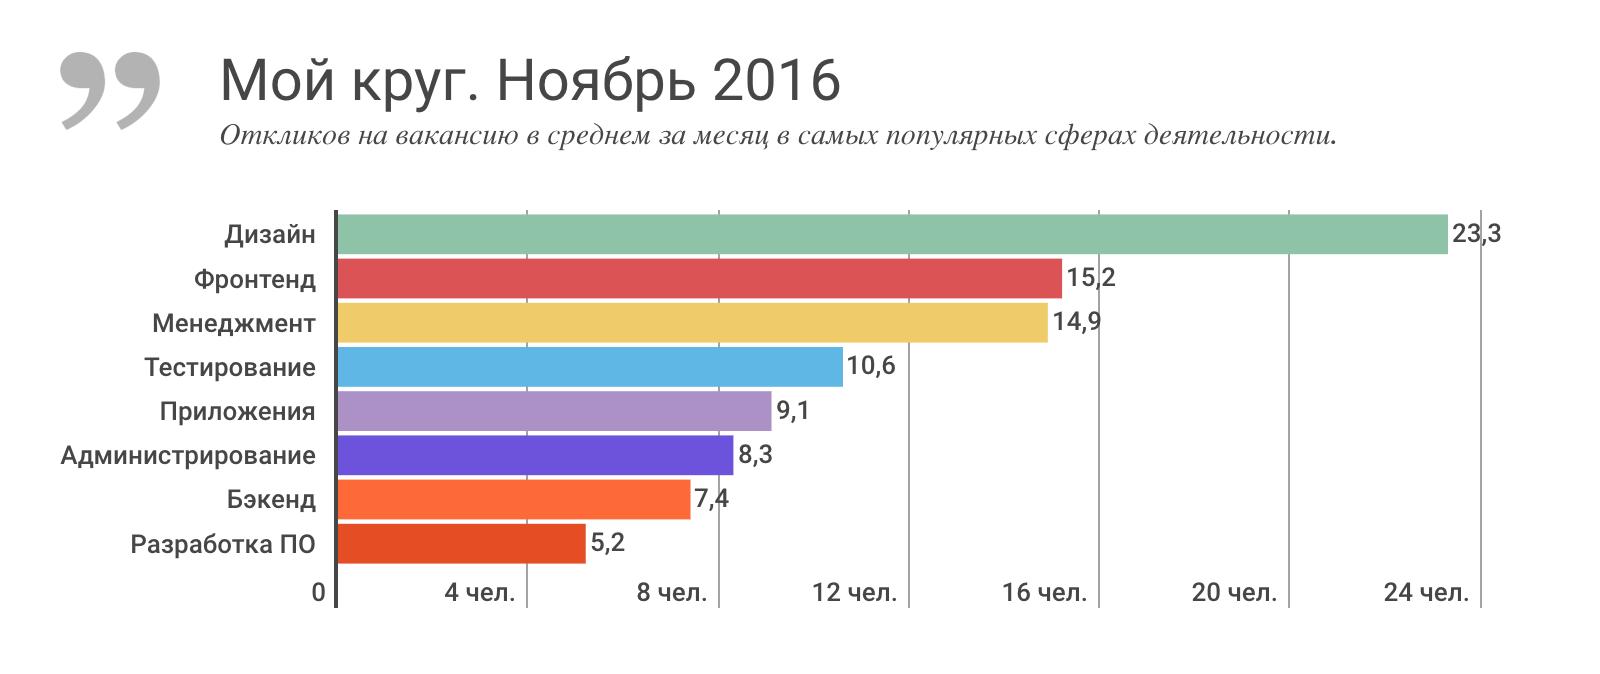 Отчет о результатах «Моего круга» за ноябрь 2016, и самые популярные вакансии месяца - 2